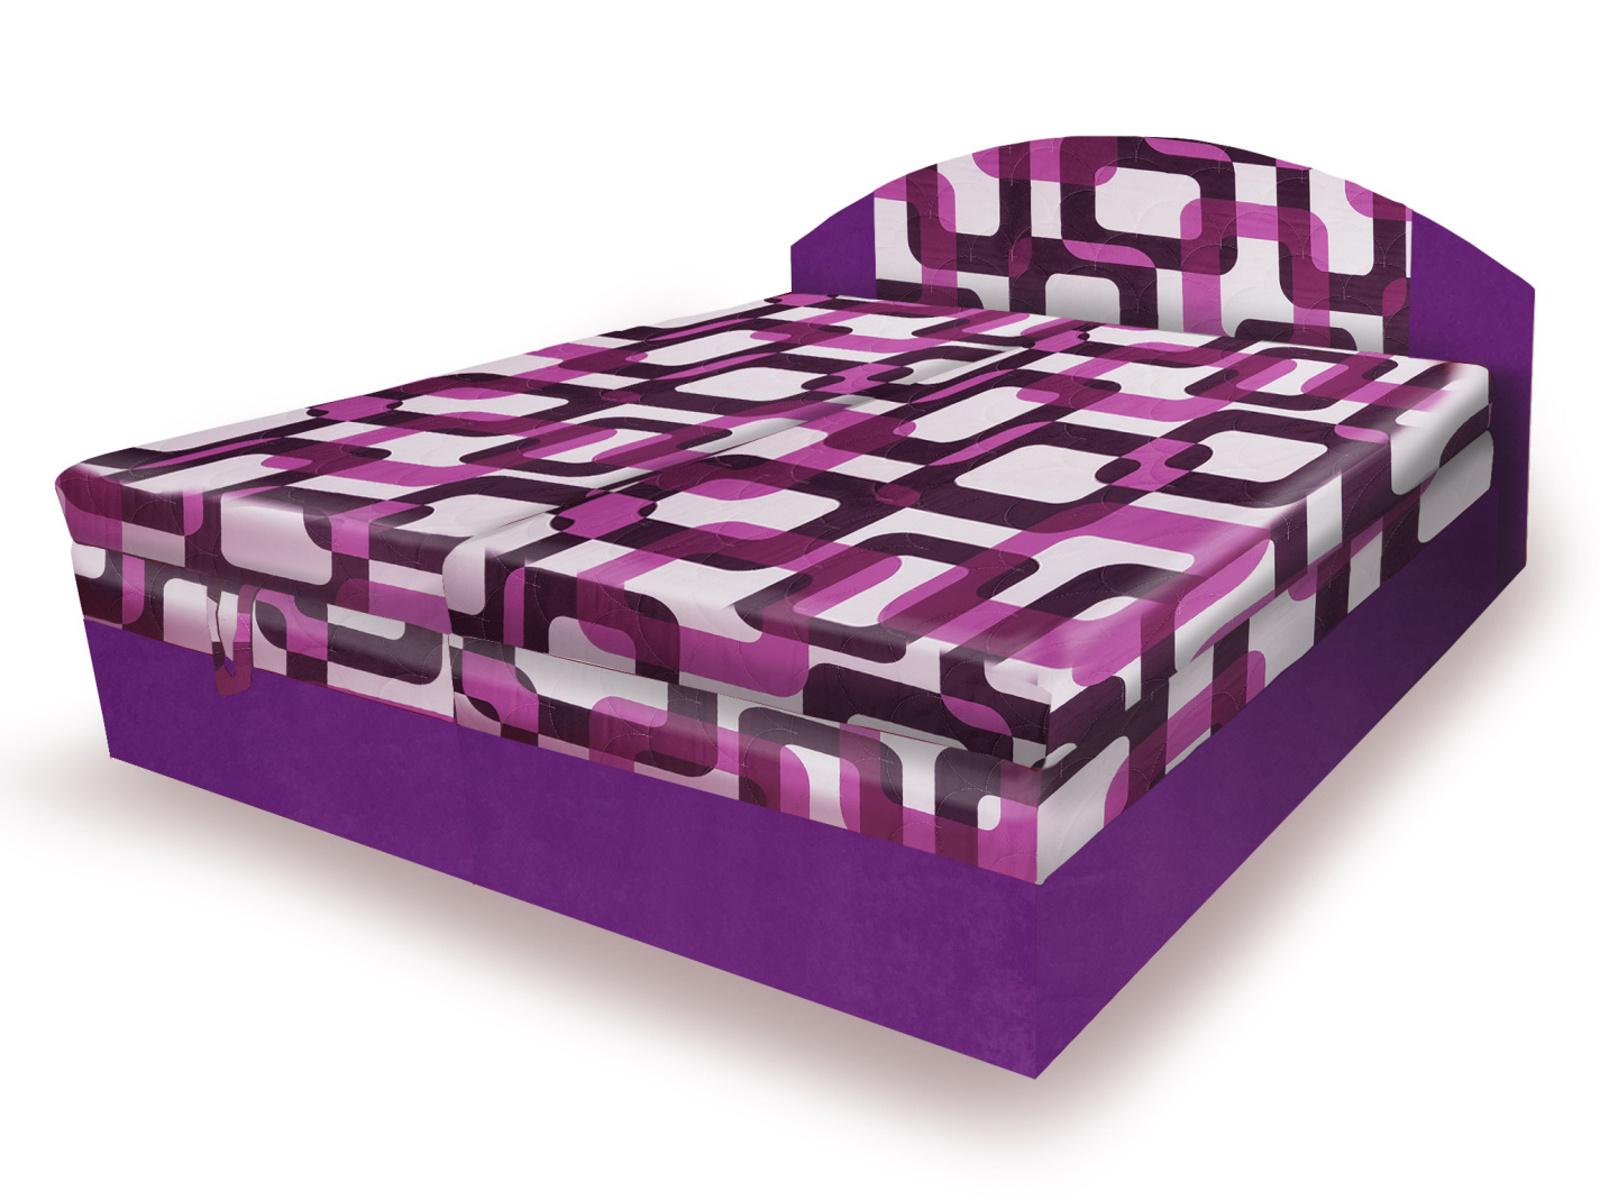 Smartshop Polohovací čalouněná postel VESNA 160x200 cm, fialová látka